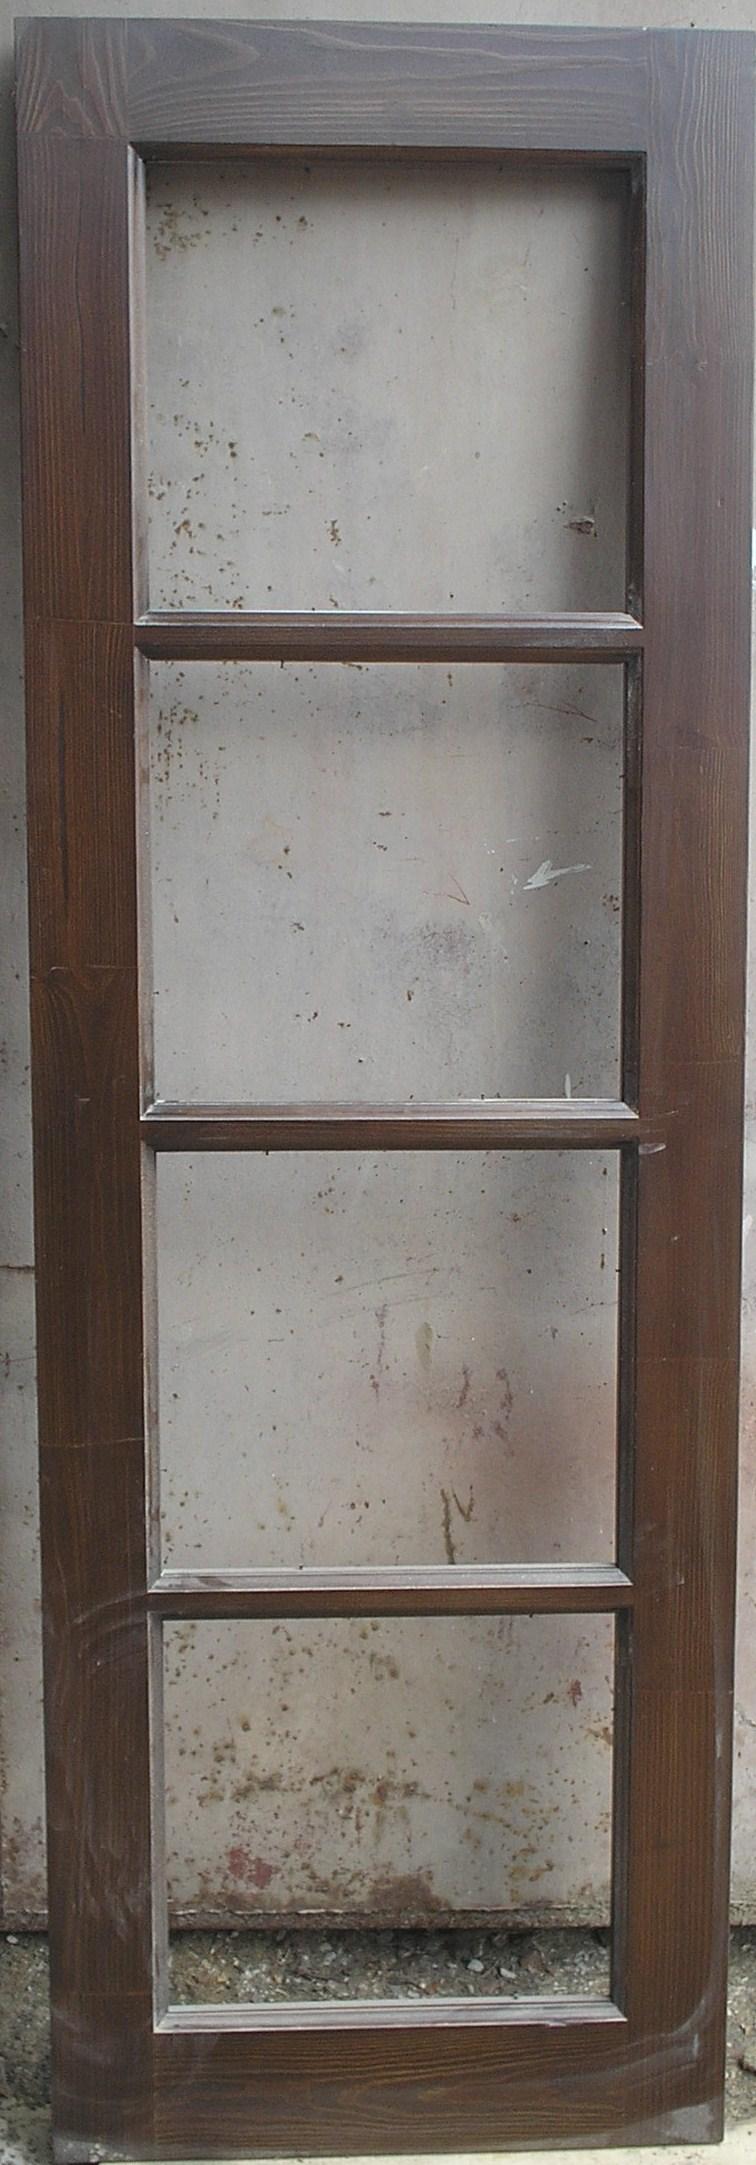 Дверь деревянная, модель № 19, стекло